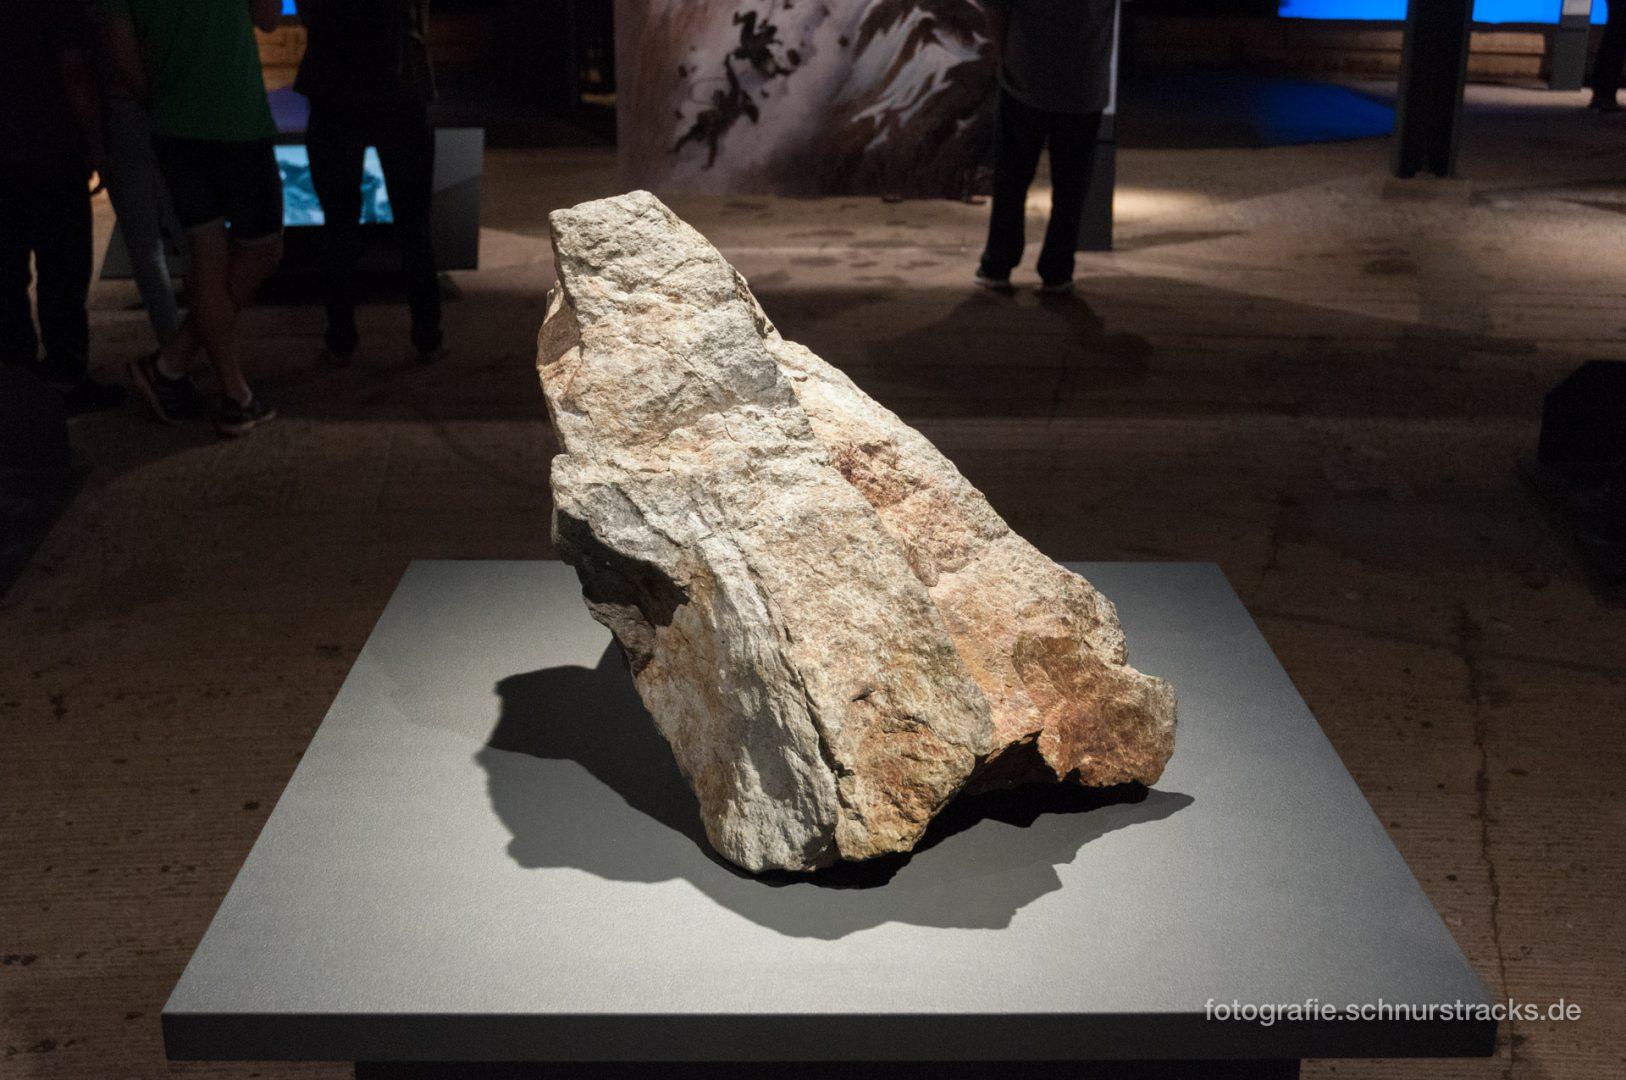 """Gesteinsbrocken von der Matterhornspitze im Gasometer – """"Der Berg ruft"""" #0993"""